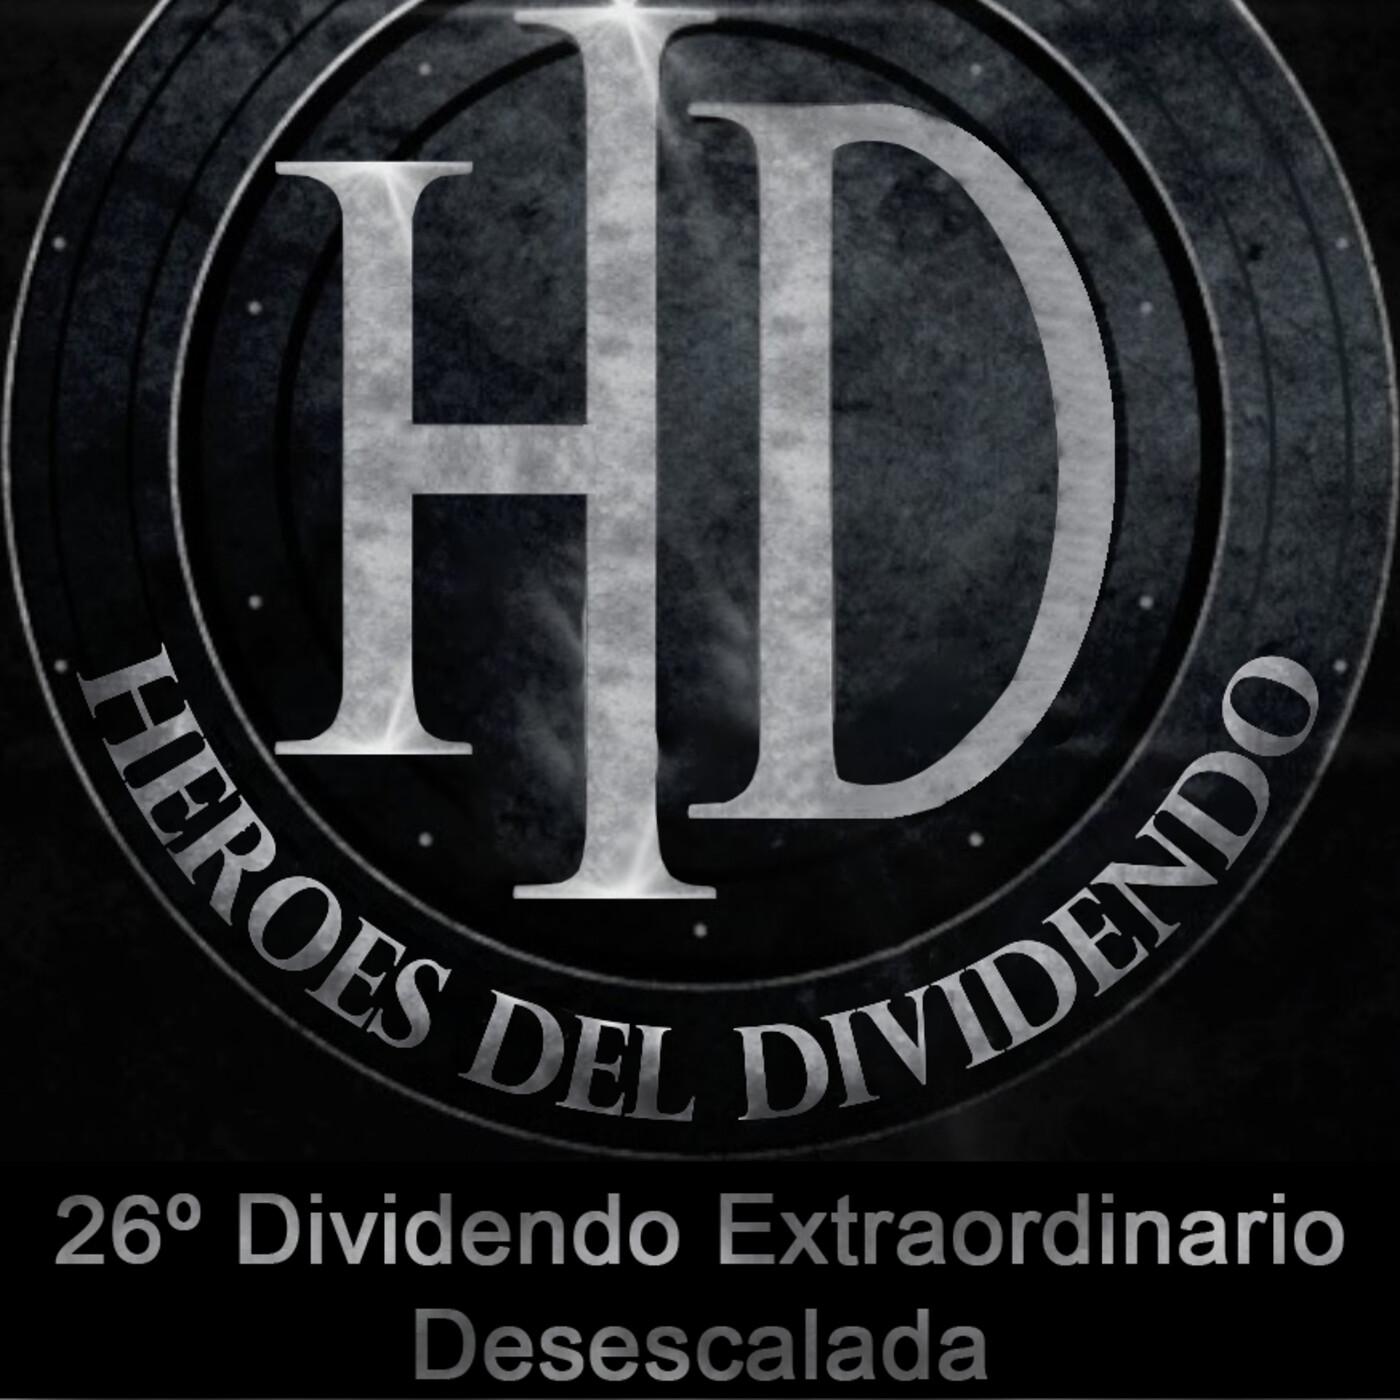 26º Programa HD - Dividendo Extraordinario Desescalada